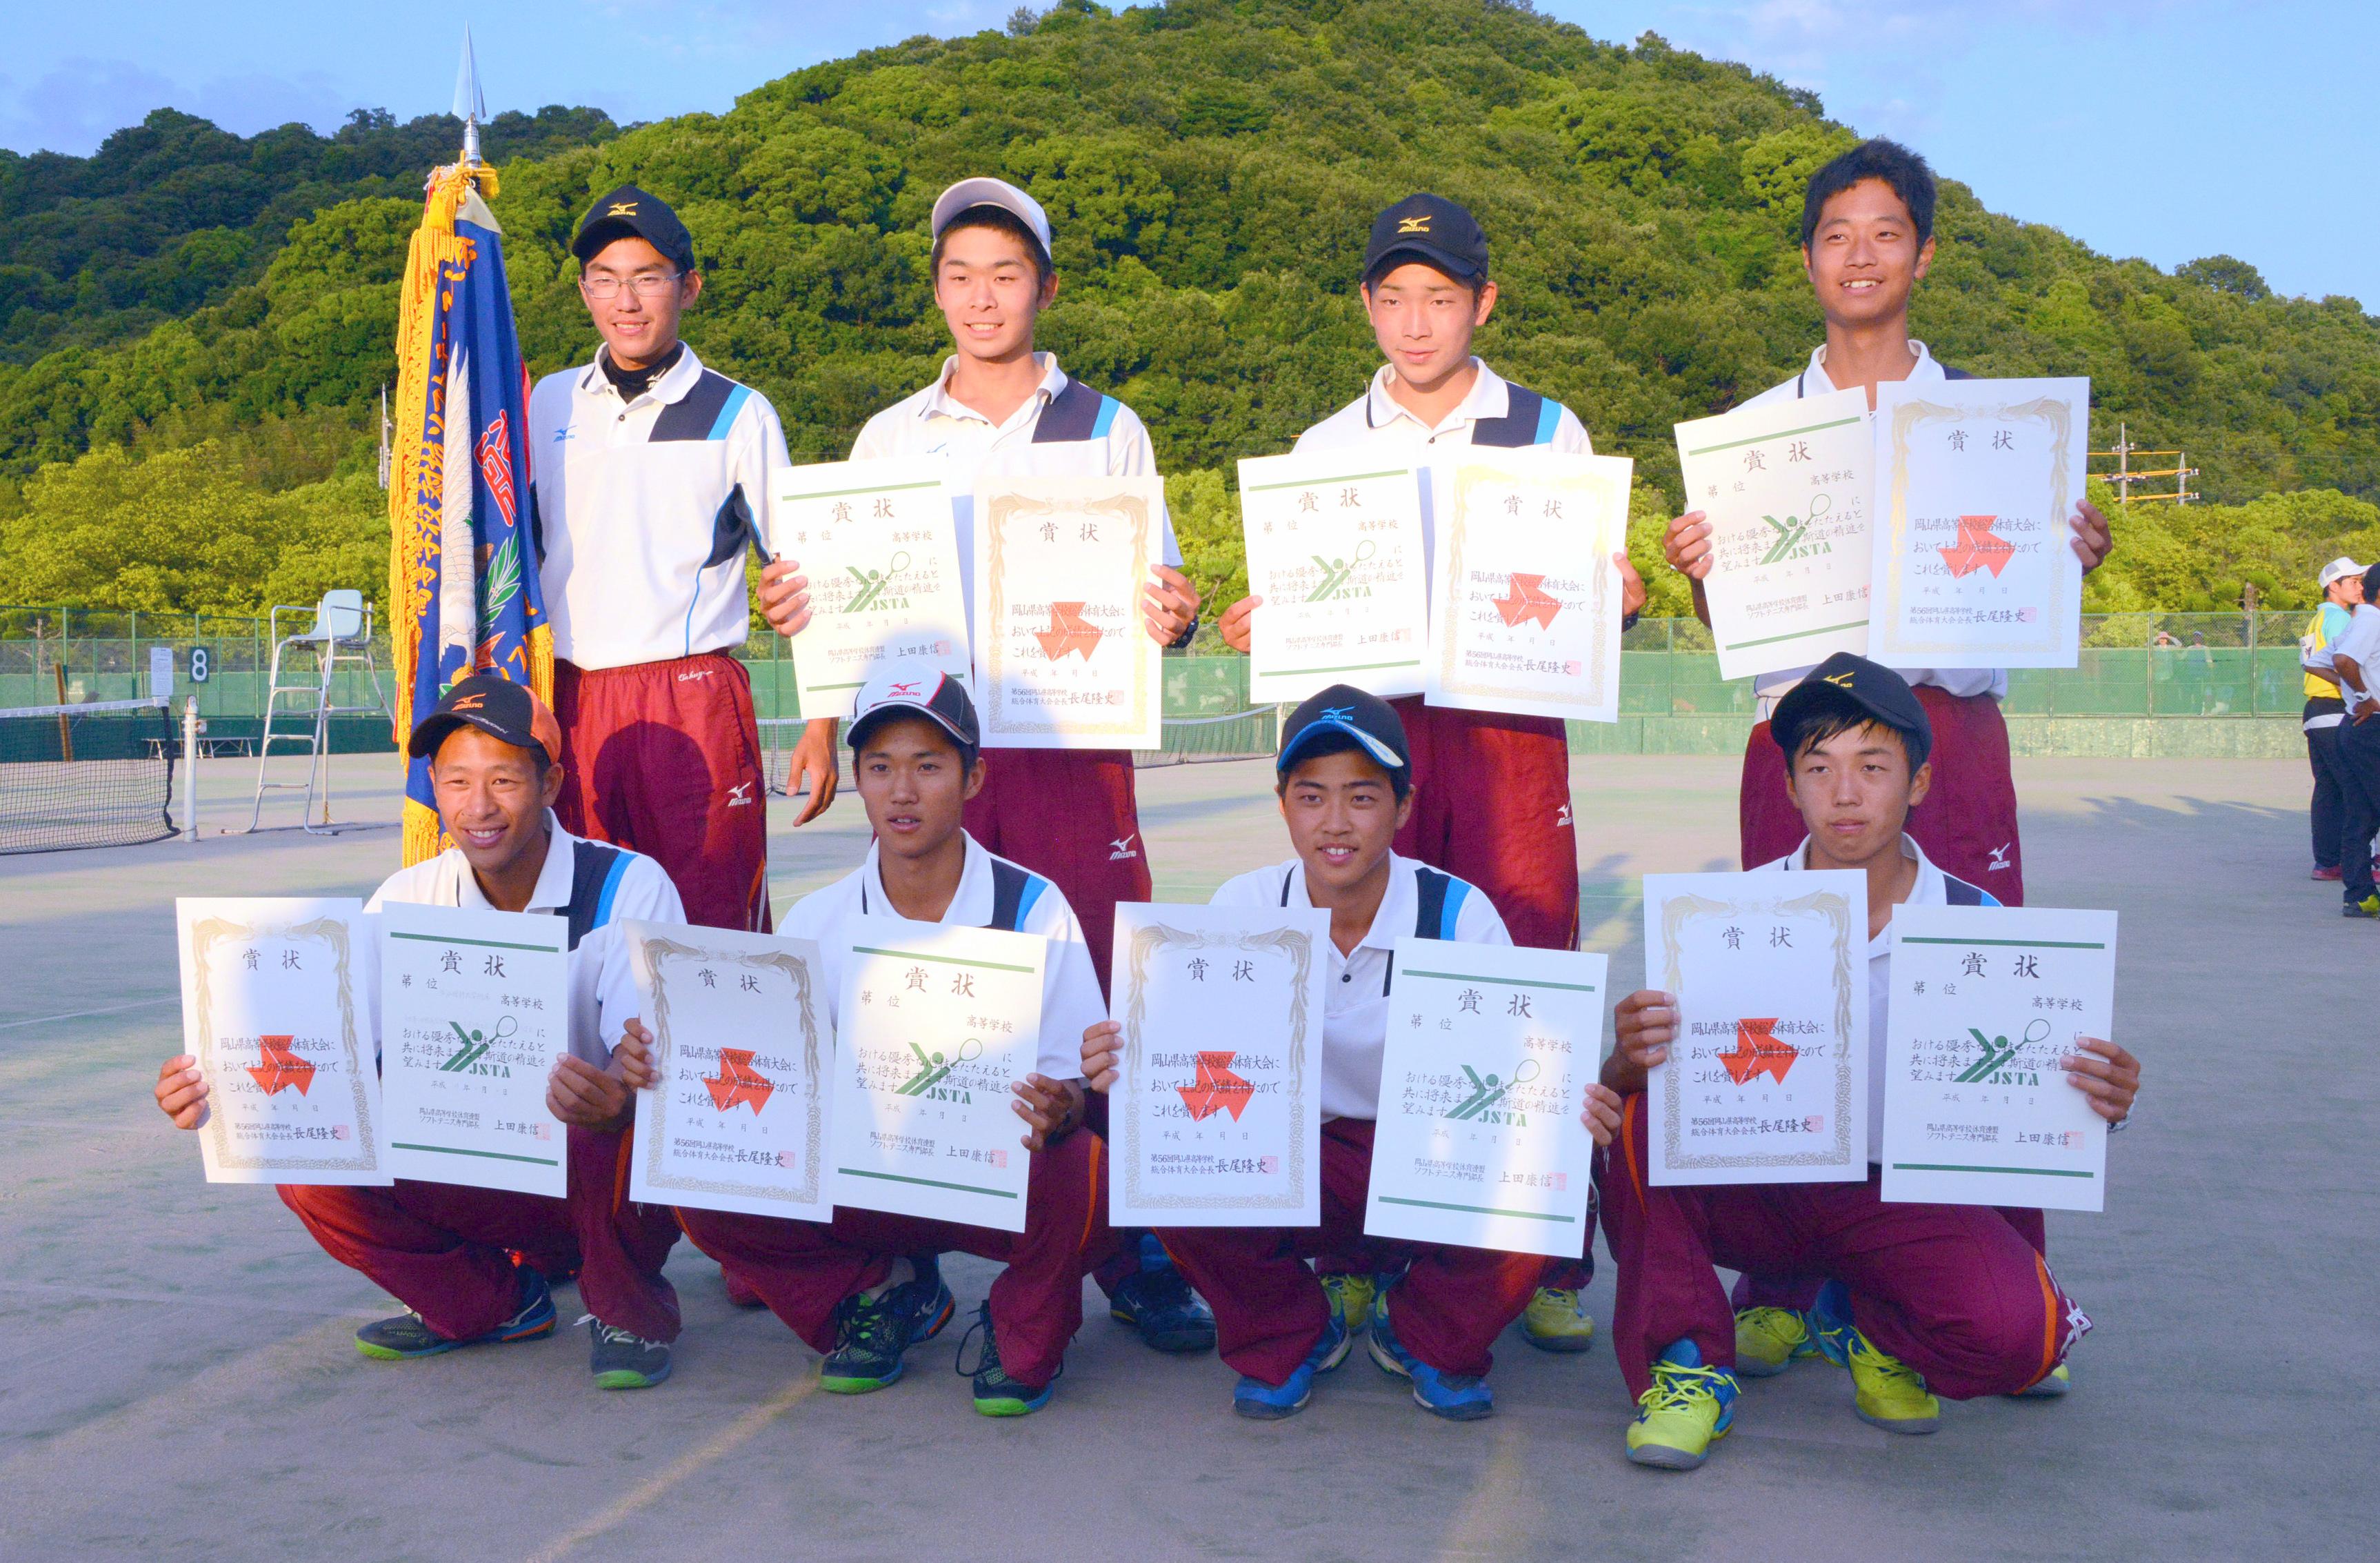 画像2: 岡山県では6/3、4、10に、インハイ予選となる県高校総体が開催された。 6/3、4に福田公園テニスコートで実施の団体戦、男子は岡山理大附が明誠学院を0で下し連覇を達成。3年連続27回目の全国総体を決めた。 【男子団体】 [...] www.softtennis-mag.com